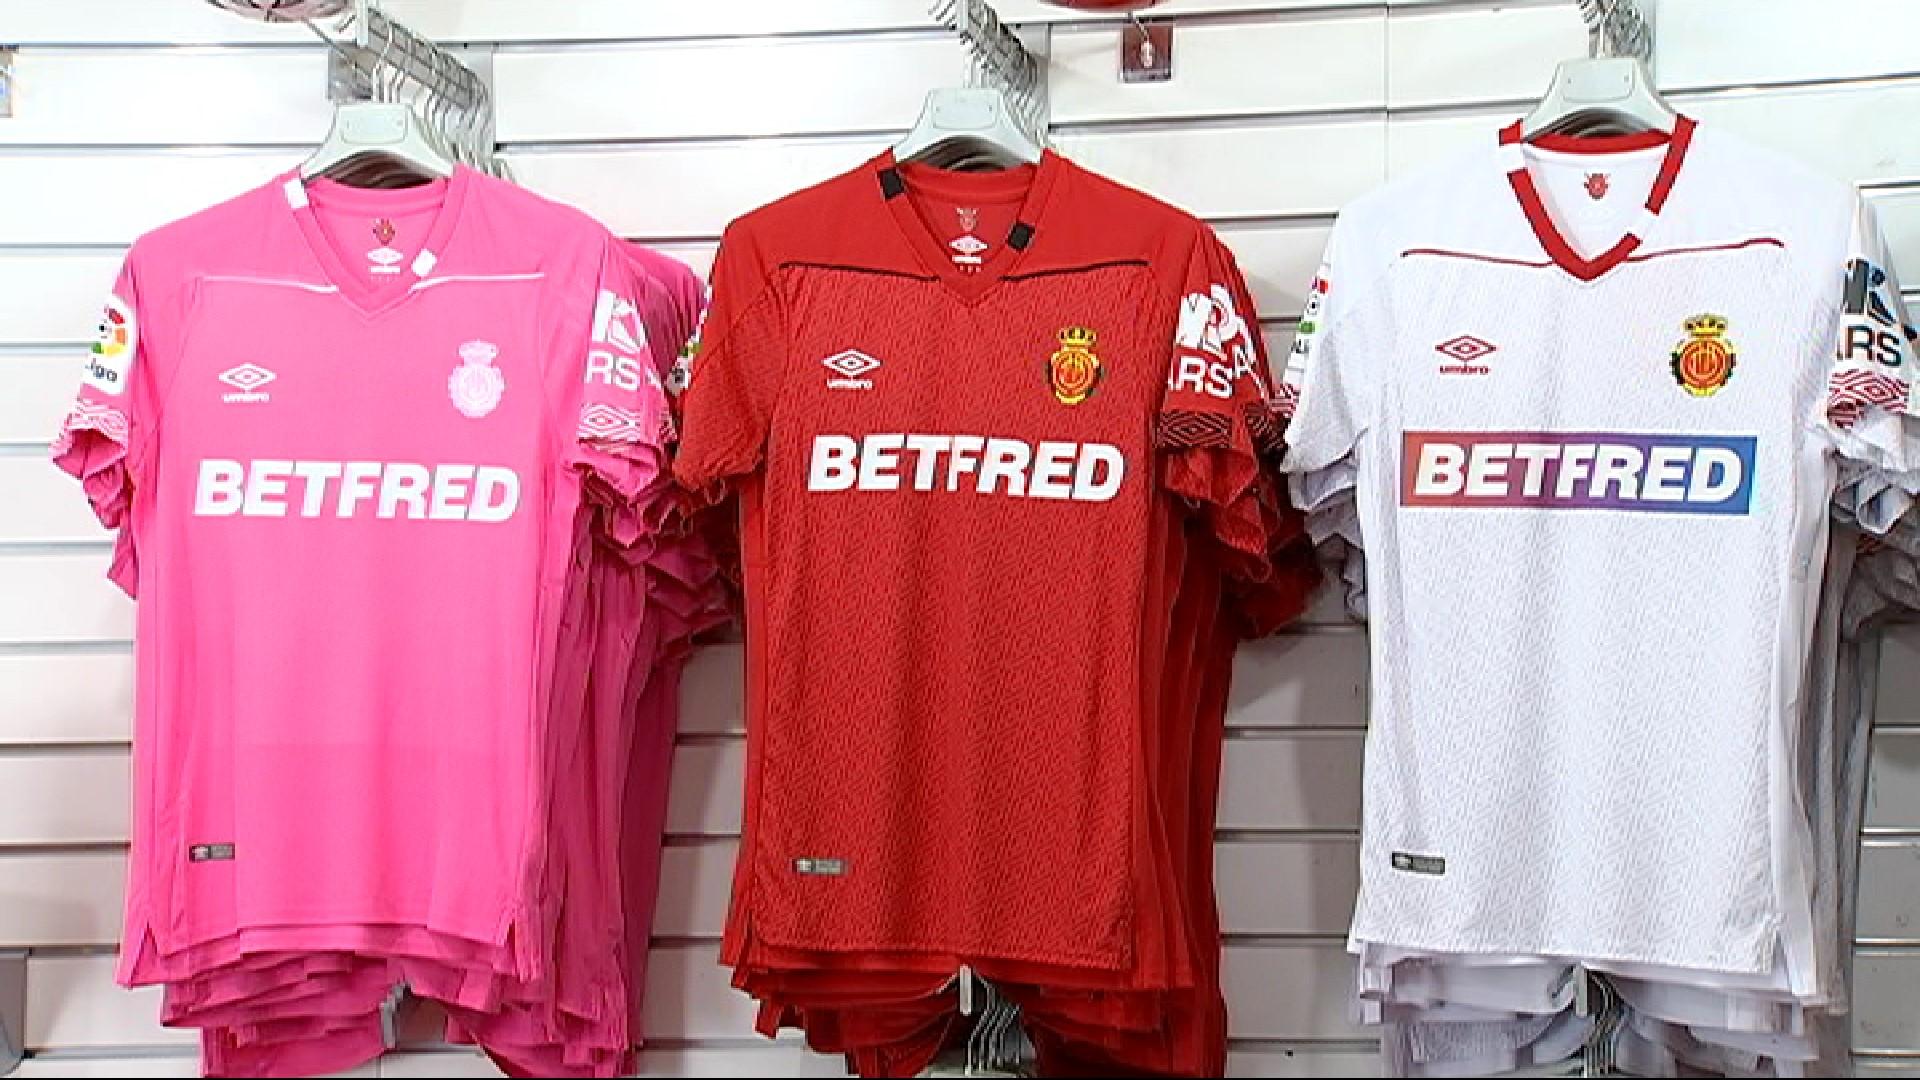 Vermell%2C+negre+blanc+i+rosa%2C+els+colors+del+Mallorca+per+intentar+tornar+a+Primera